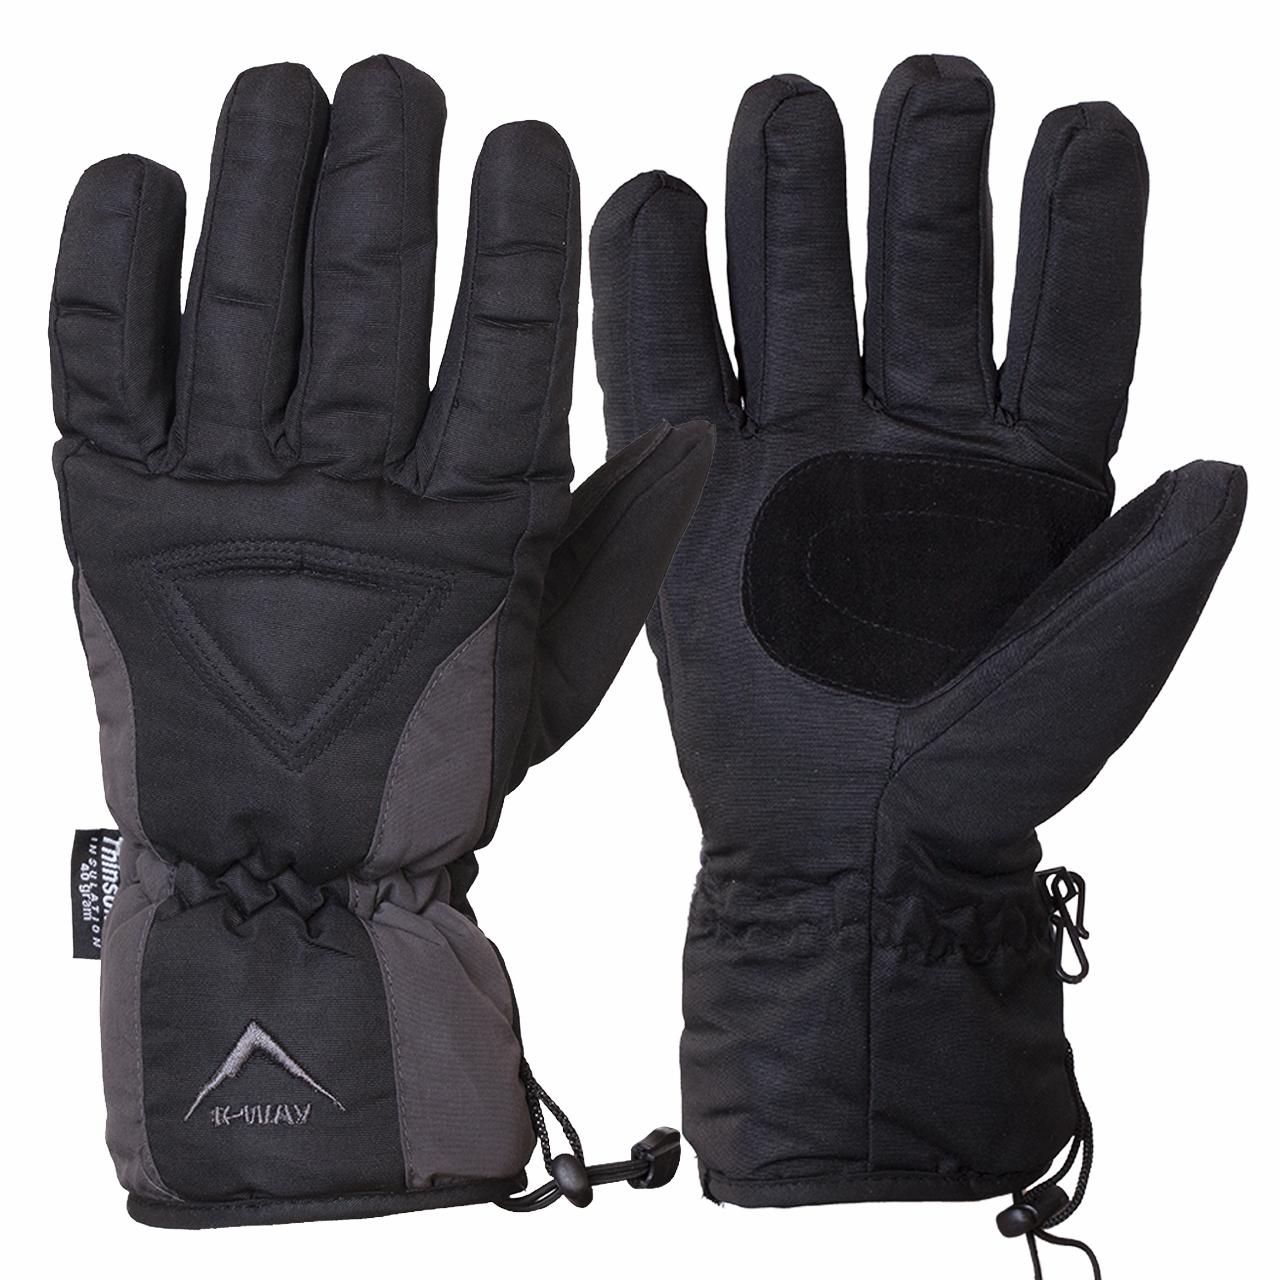 Выбрать и заказать онлайн перчатки для лыжного спорта